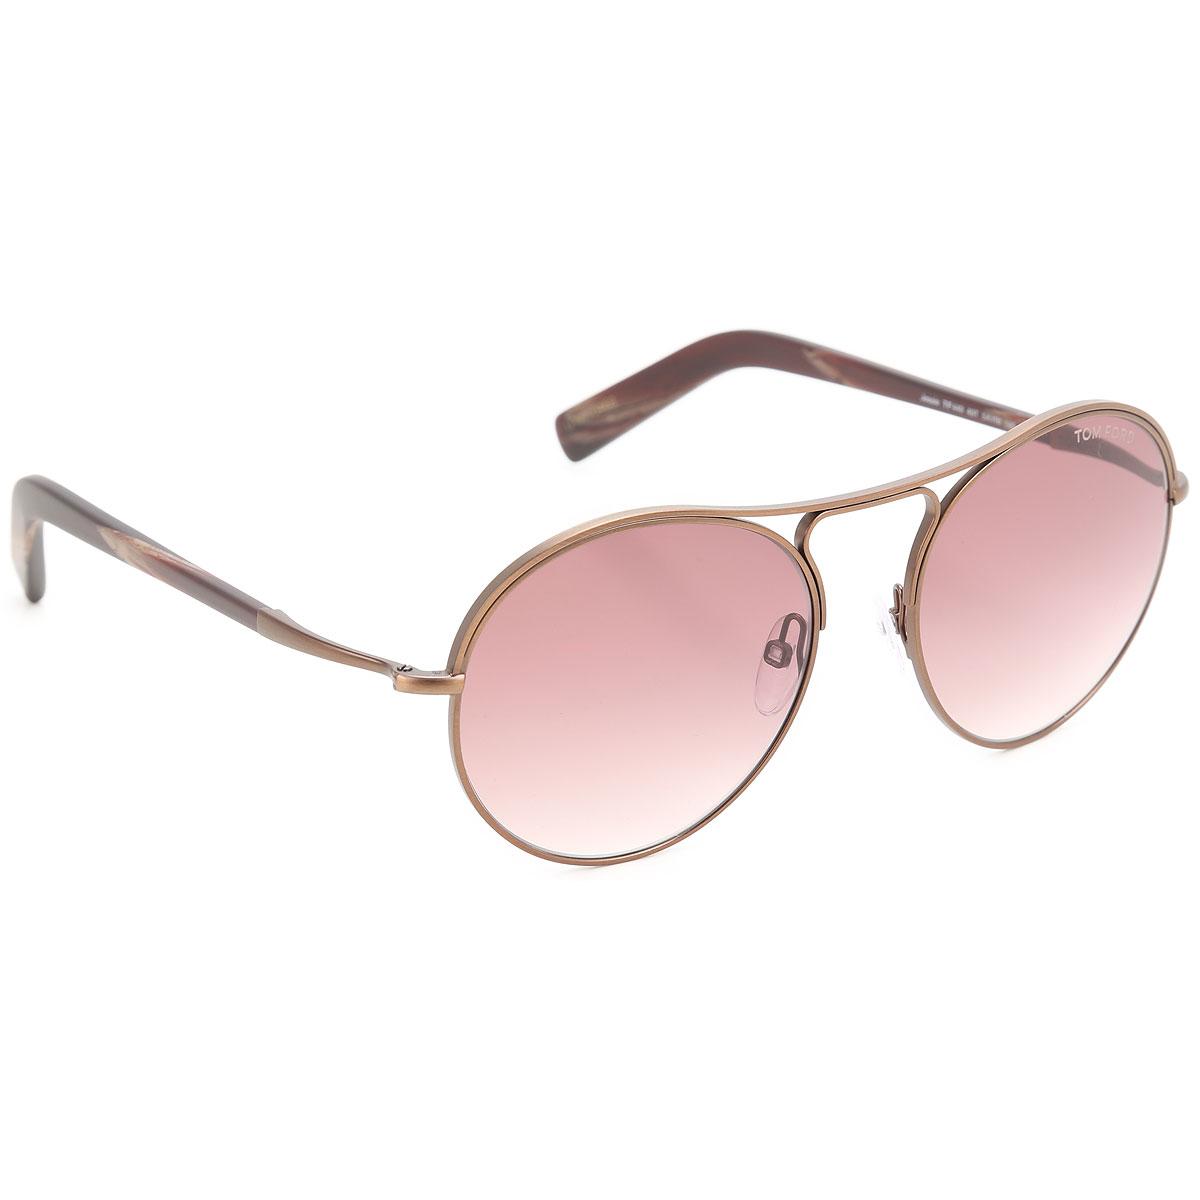 Lunettes de soleil tom ford code produit jessie tf449 49t - Verre lunette raye assurance ...